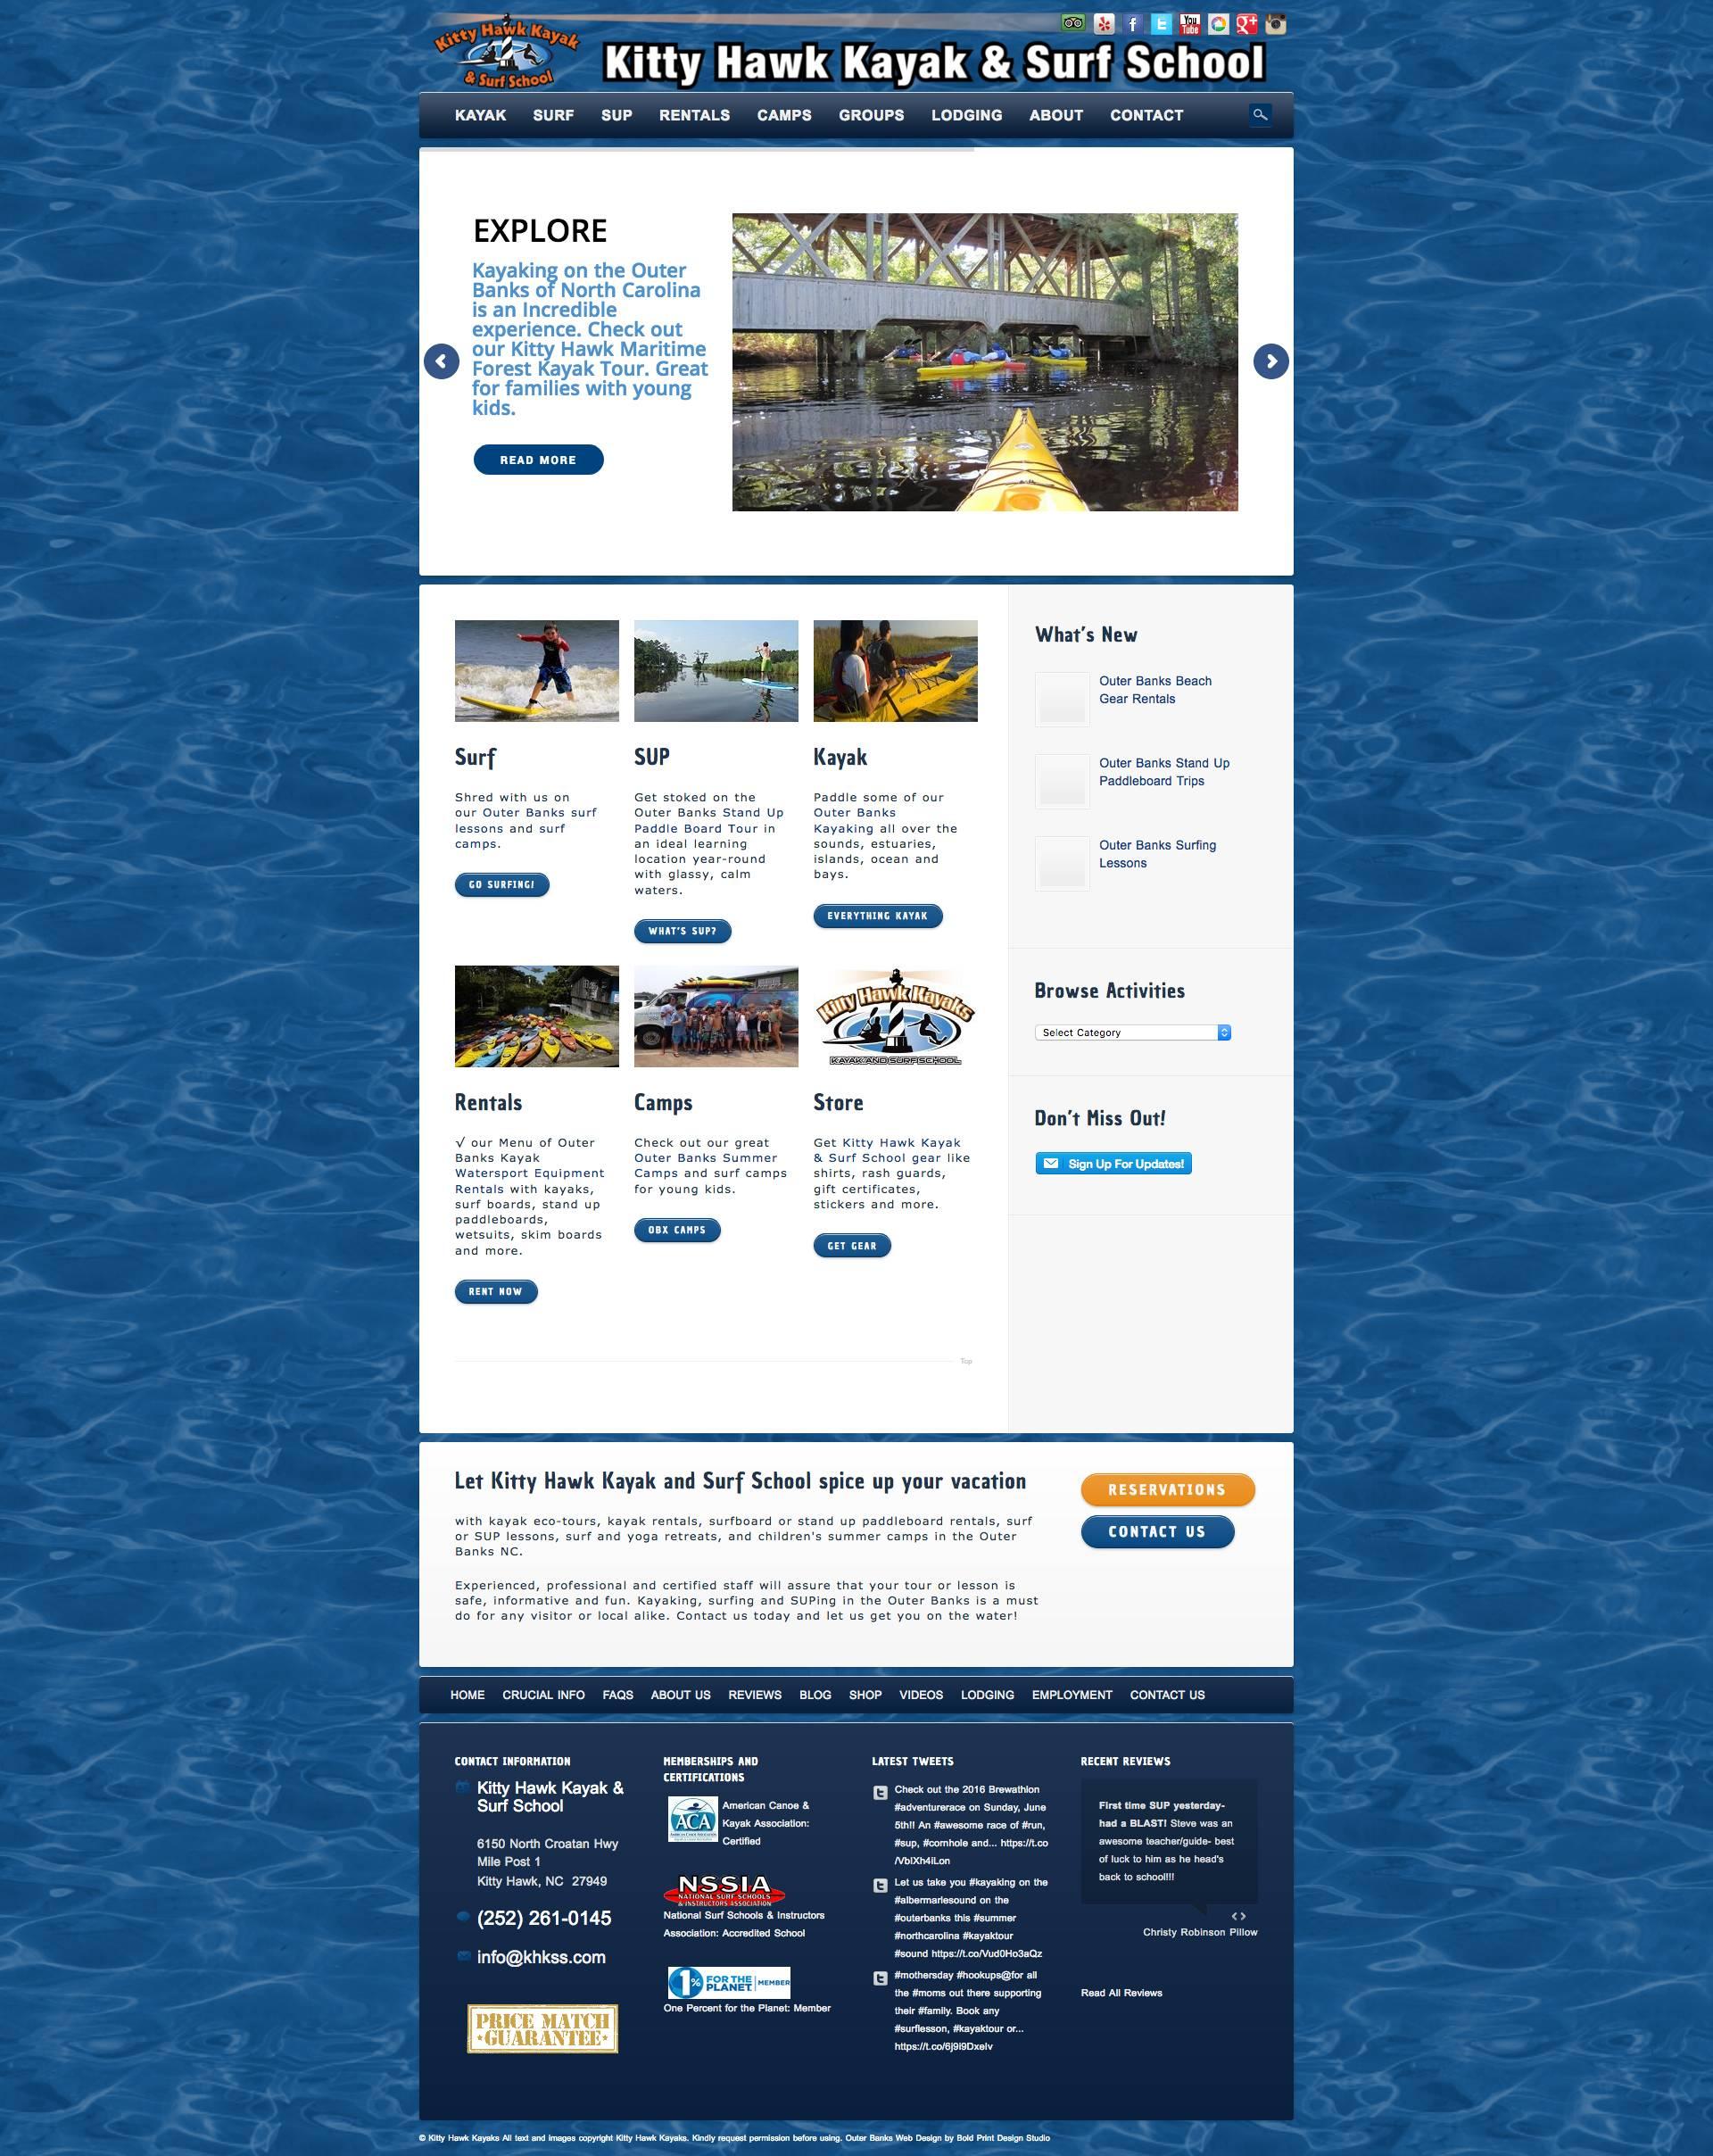 khkss-full-homepage